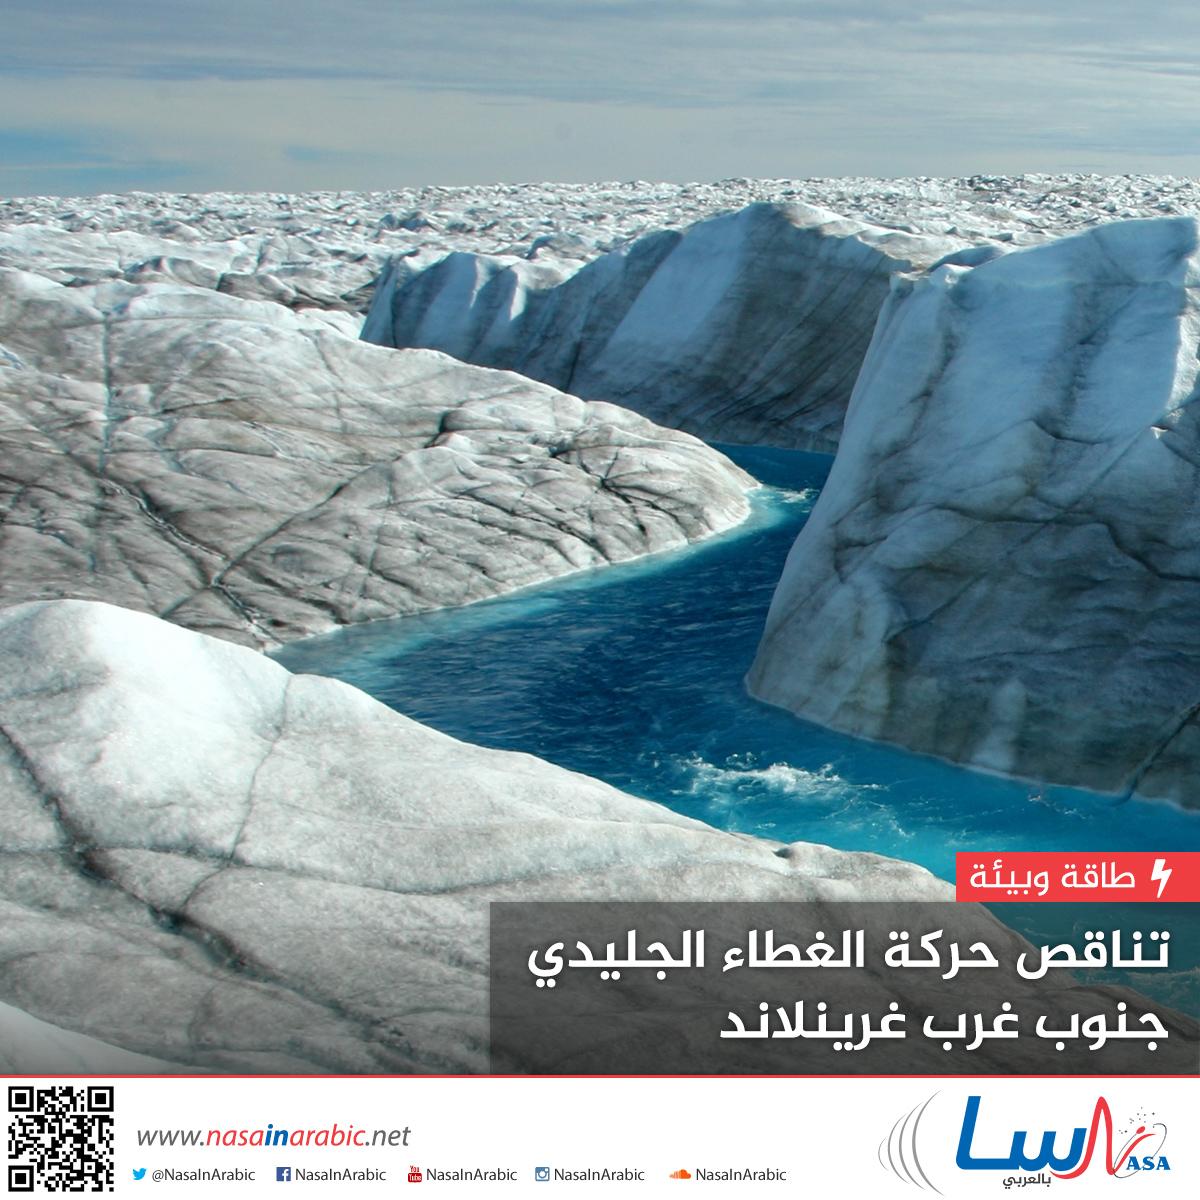 تناقص حركة الغطاء الجليدي جنوب غرب غرينلاند